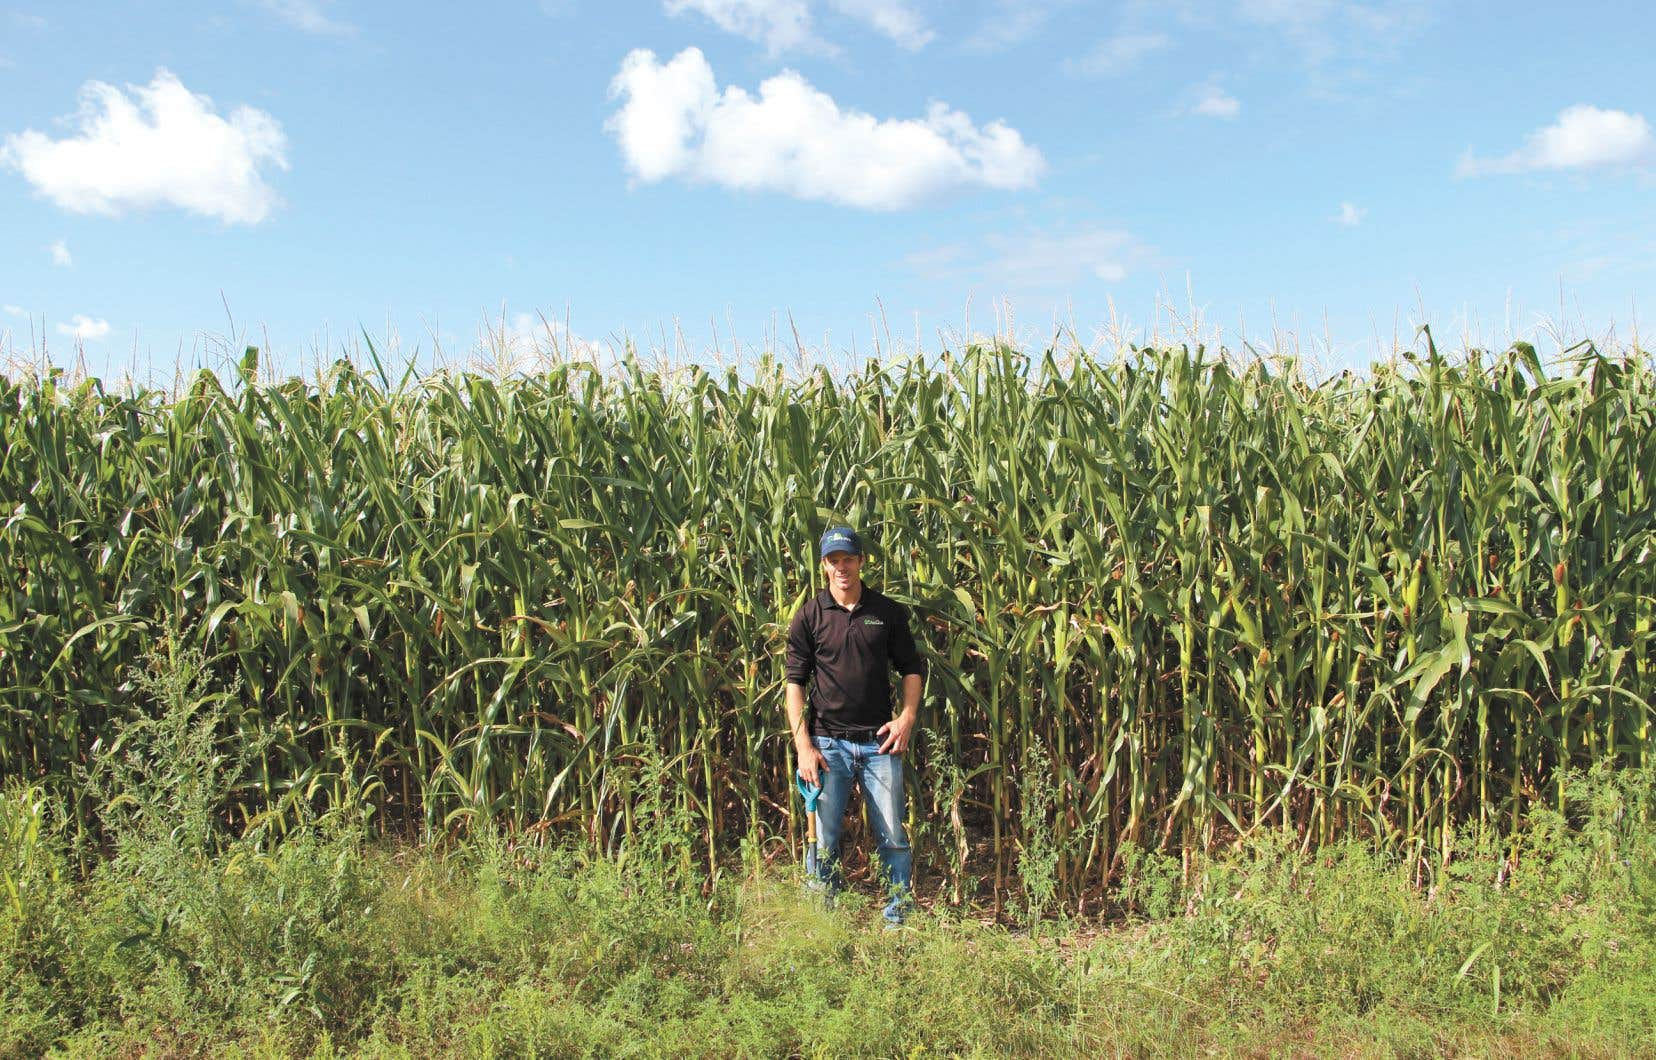 Louis Pérusse, agronome du réseau SCV Agrologie, a mené un projet de recherche qui suscite de l'espoir chez ceux qui souhaitent une solution pour diminuer l'usage du glyphosate.